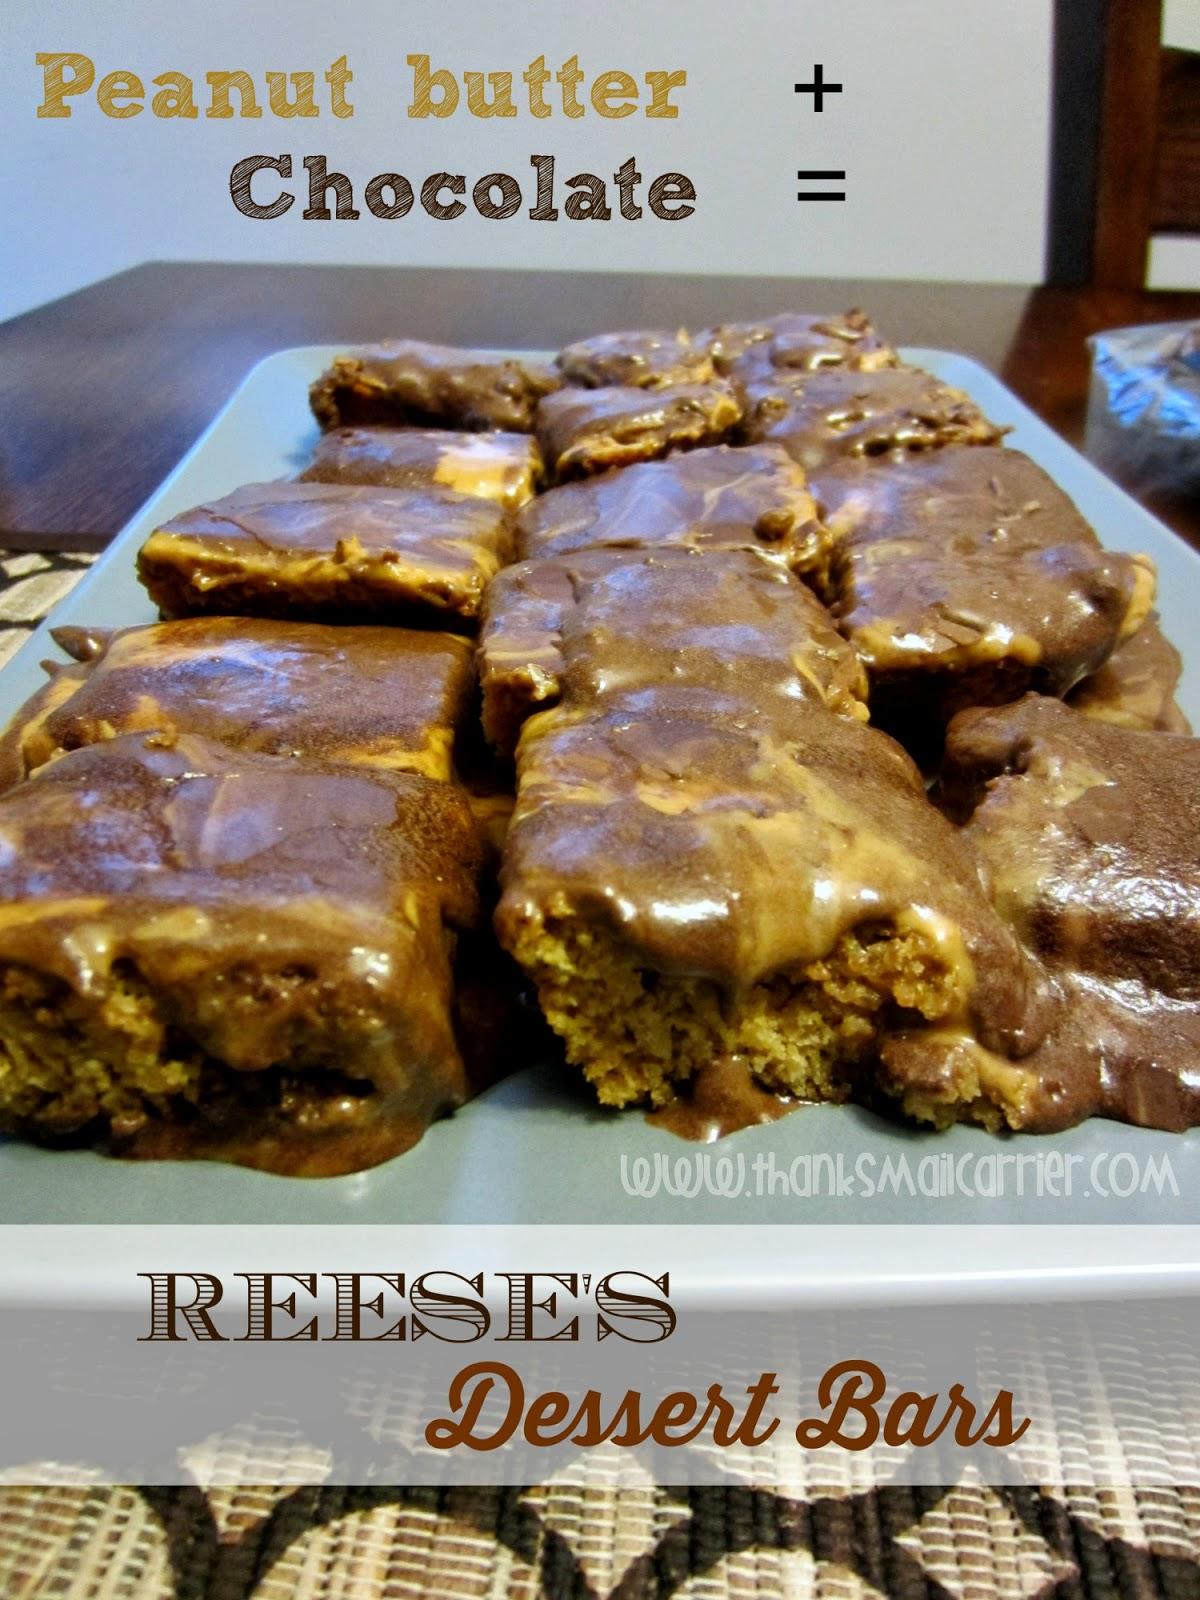 Reese's dessert bars